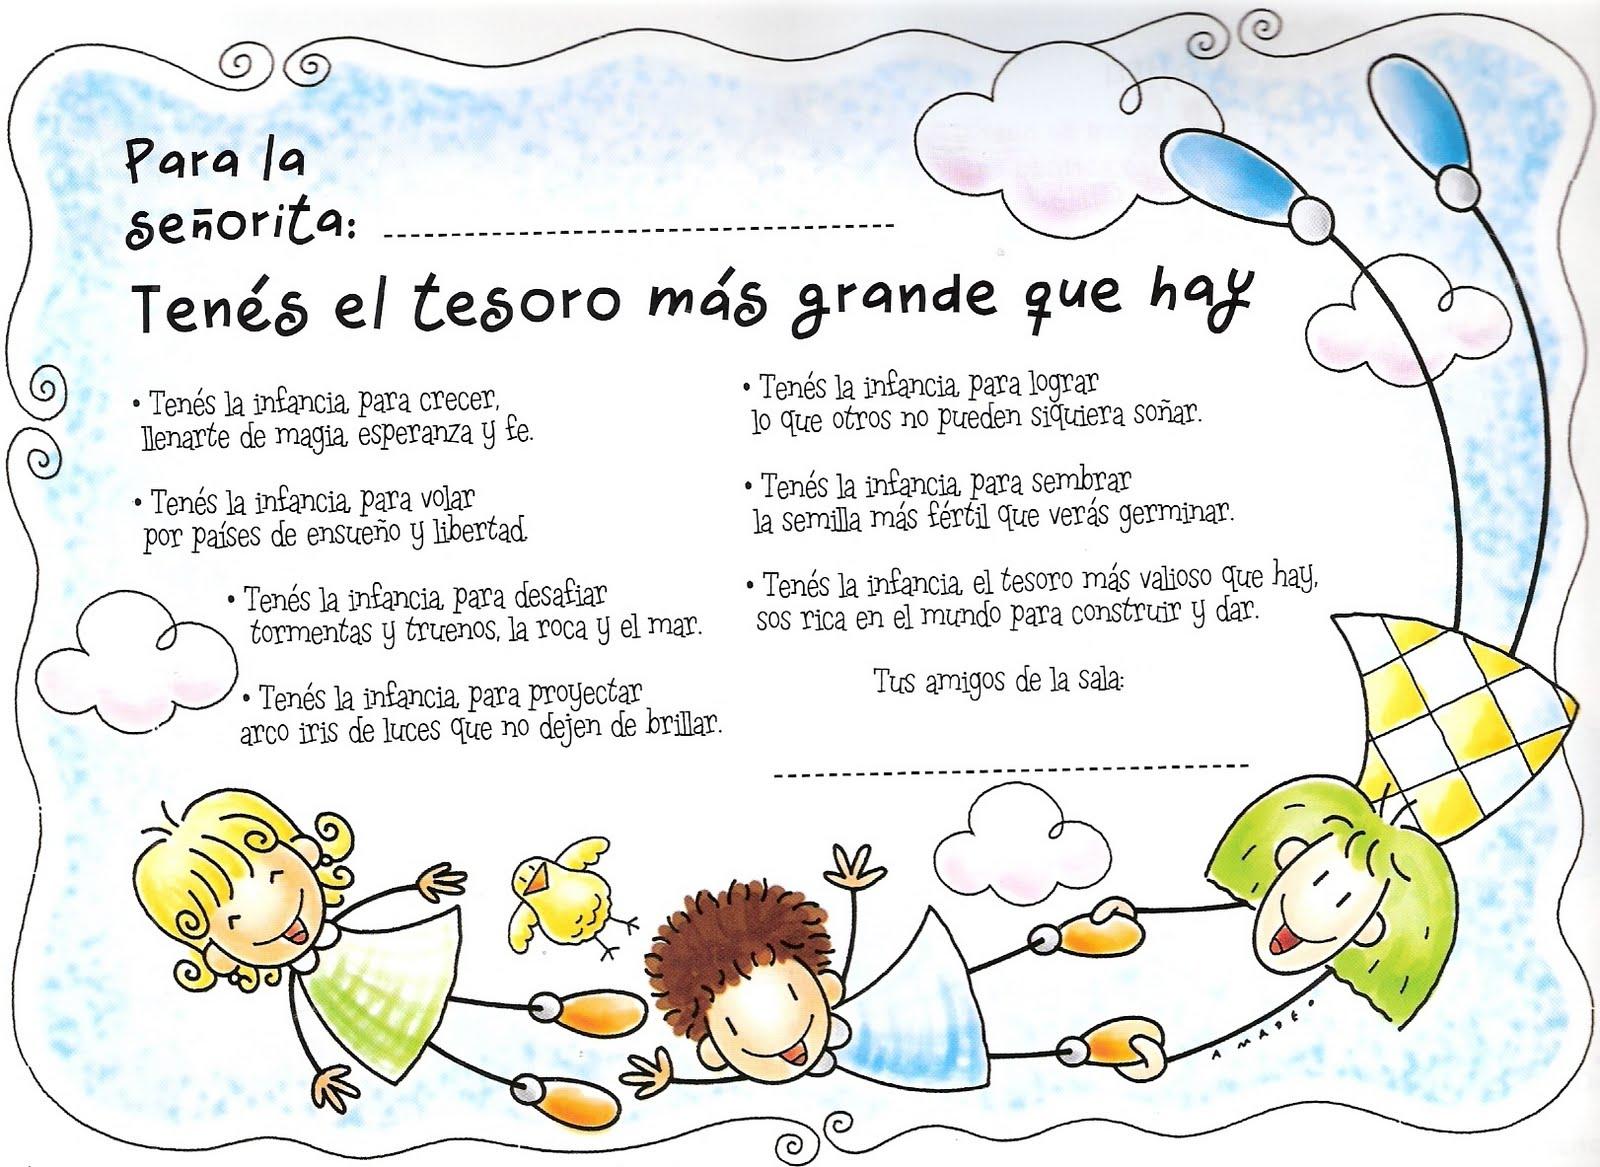 El rincon de la infancia mayo 04 2010 for Cancion de bienvenida al jardin